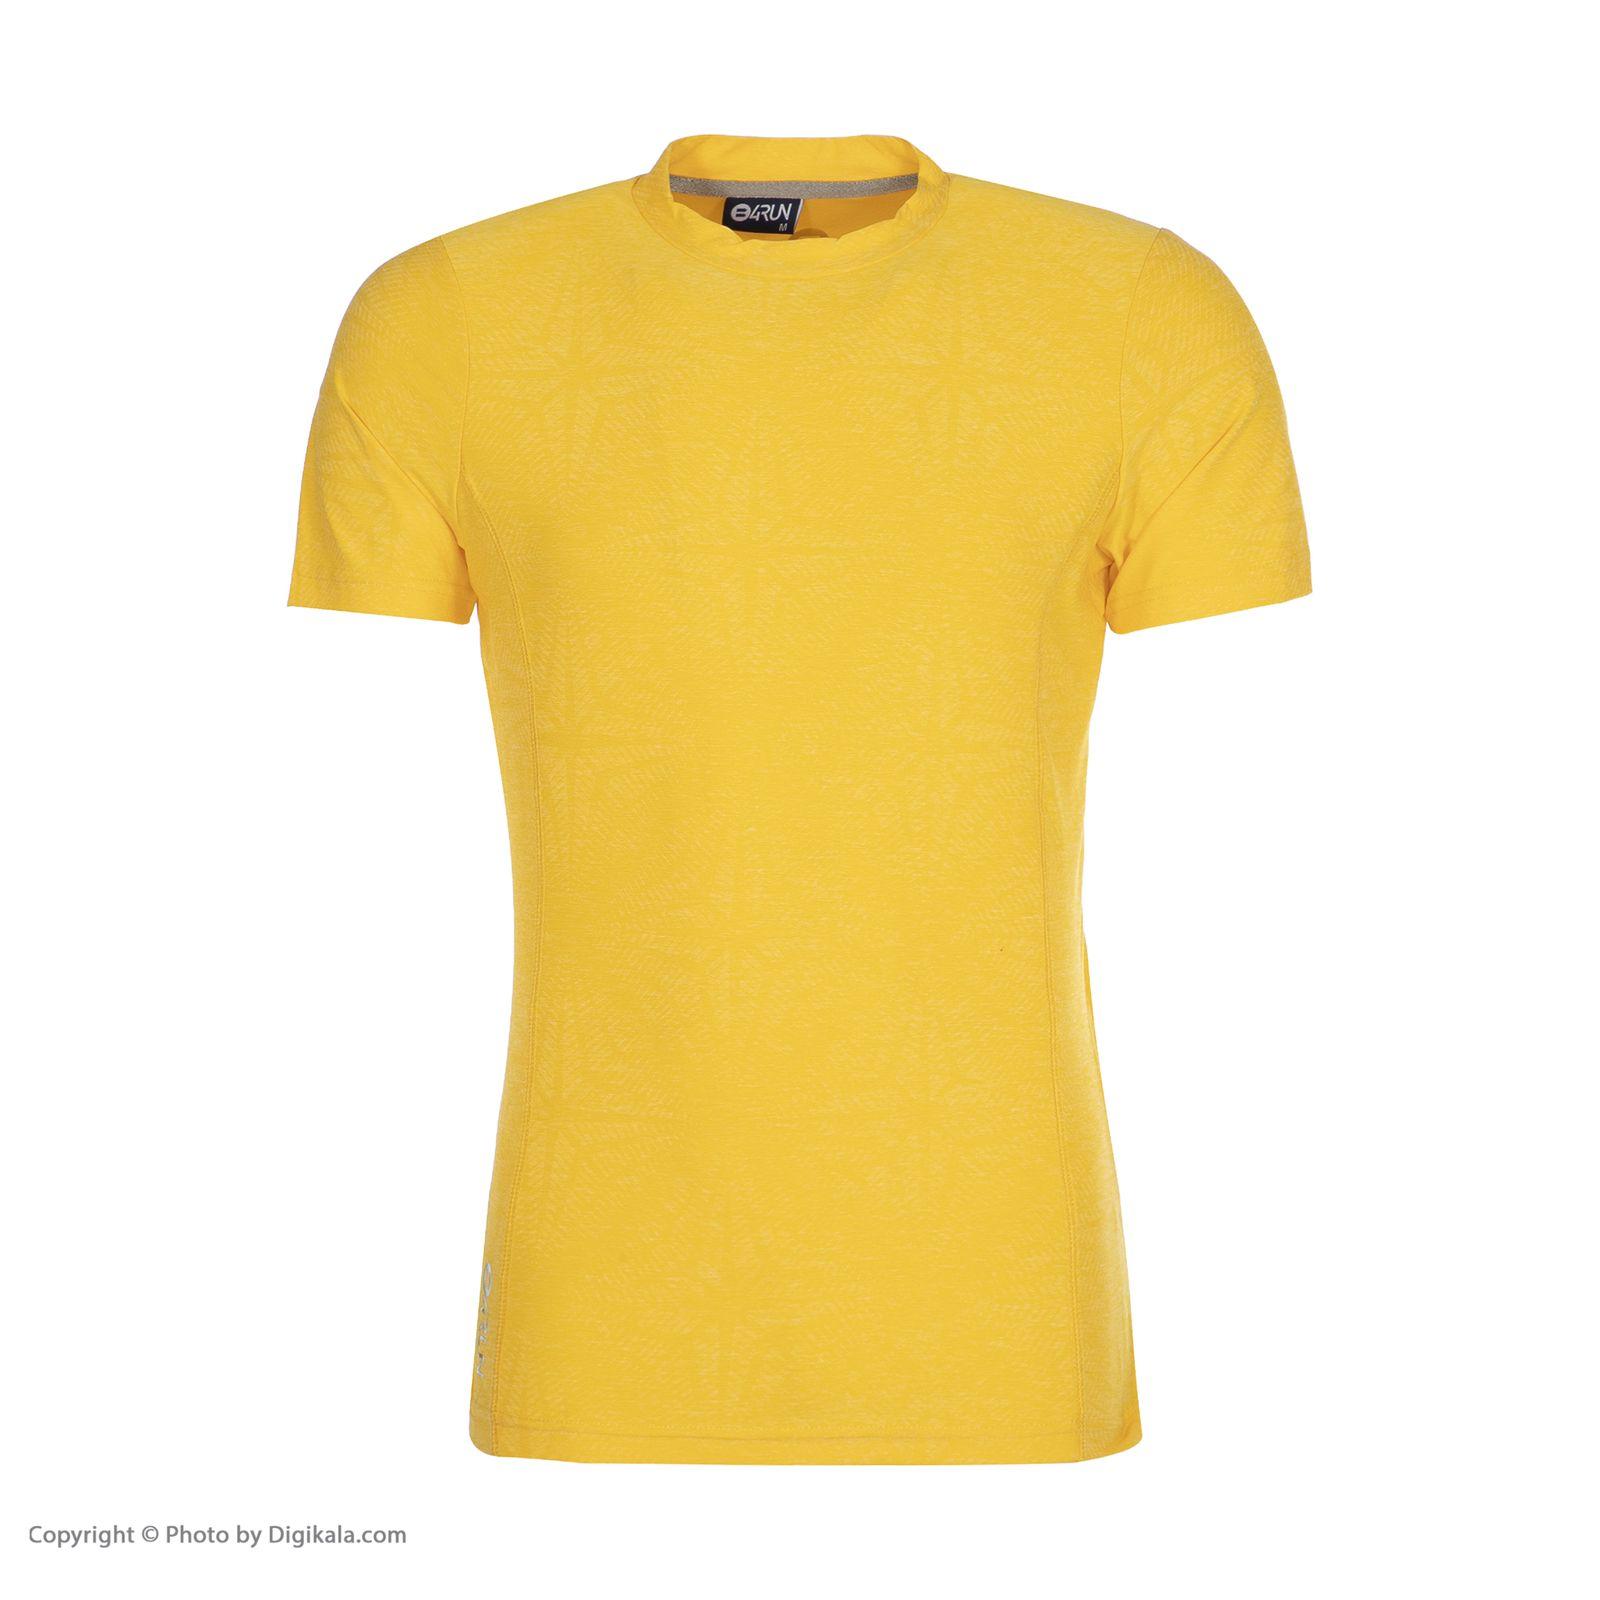 تی شرت ورزشی مردانه بی فور ران مدل 990312-17 -  - 1